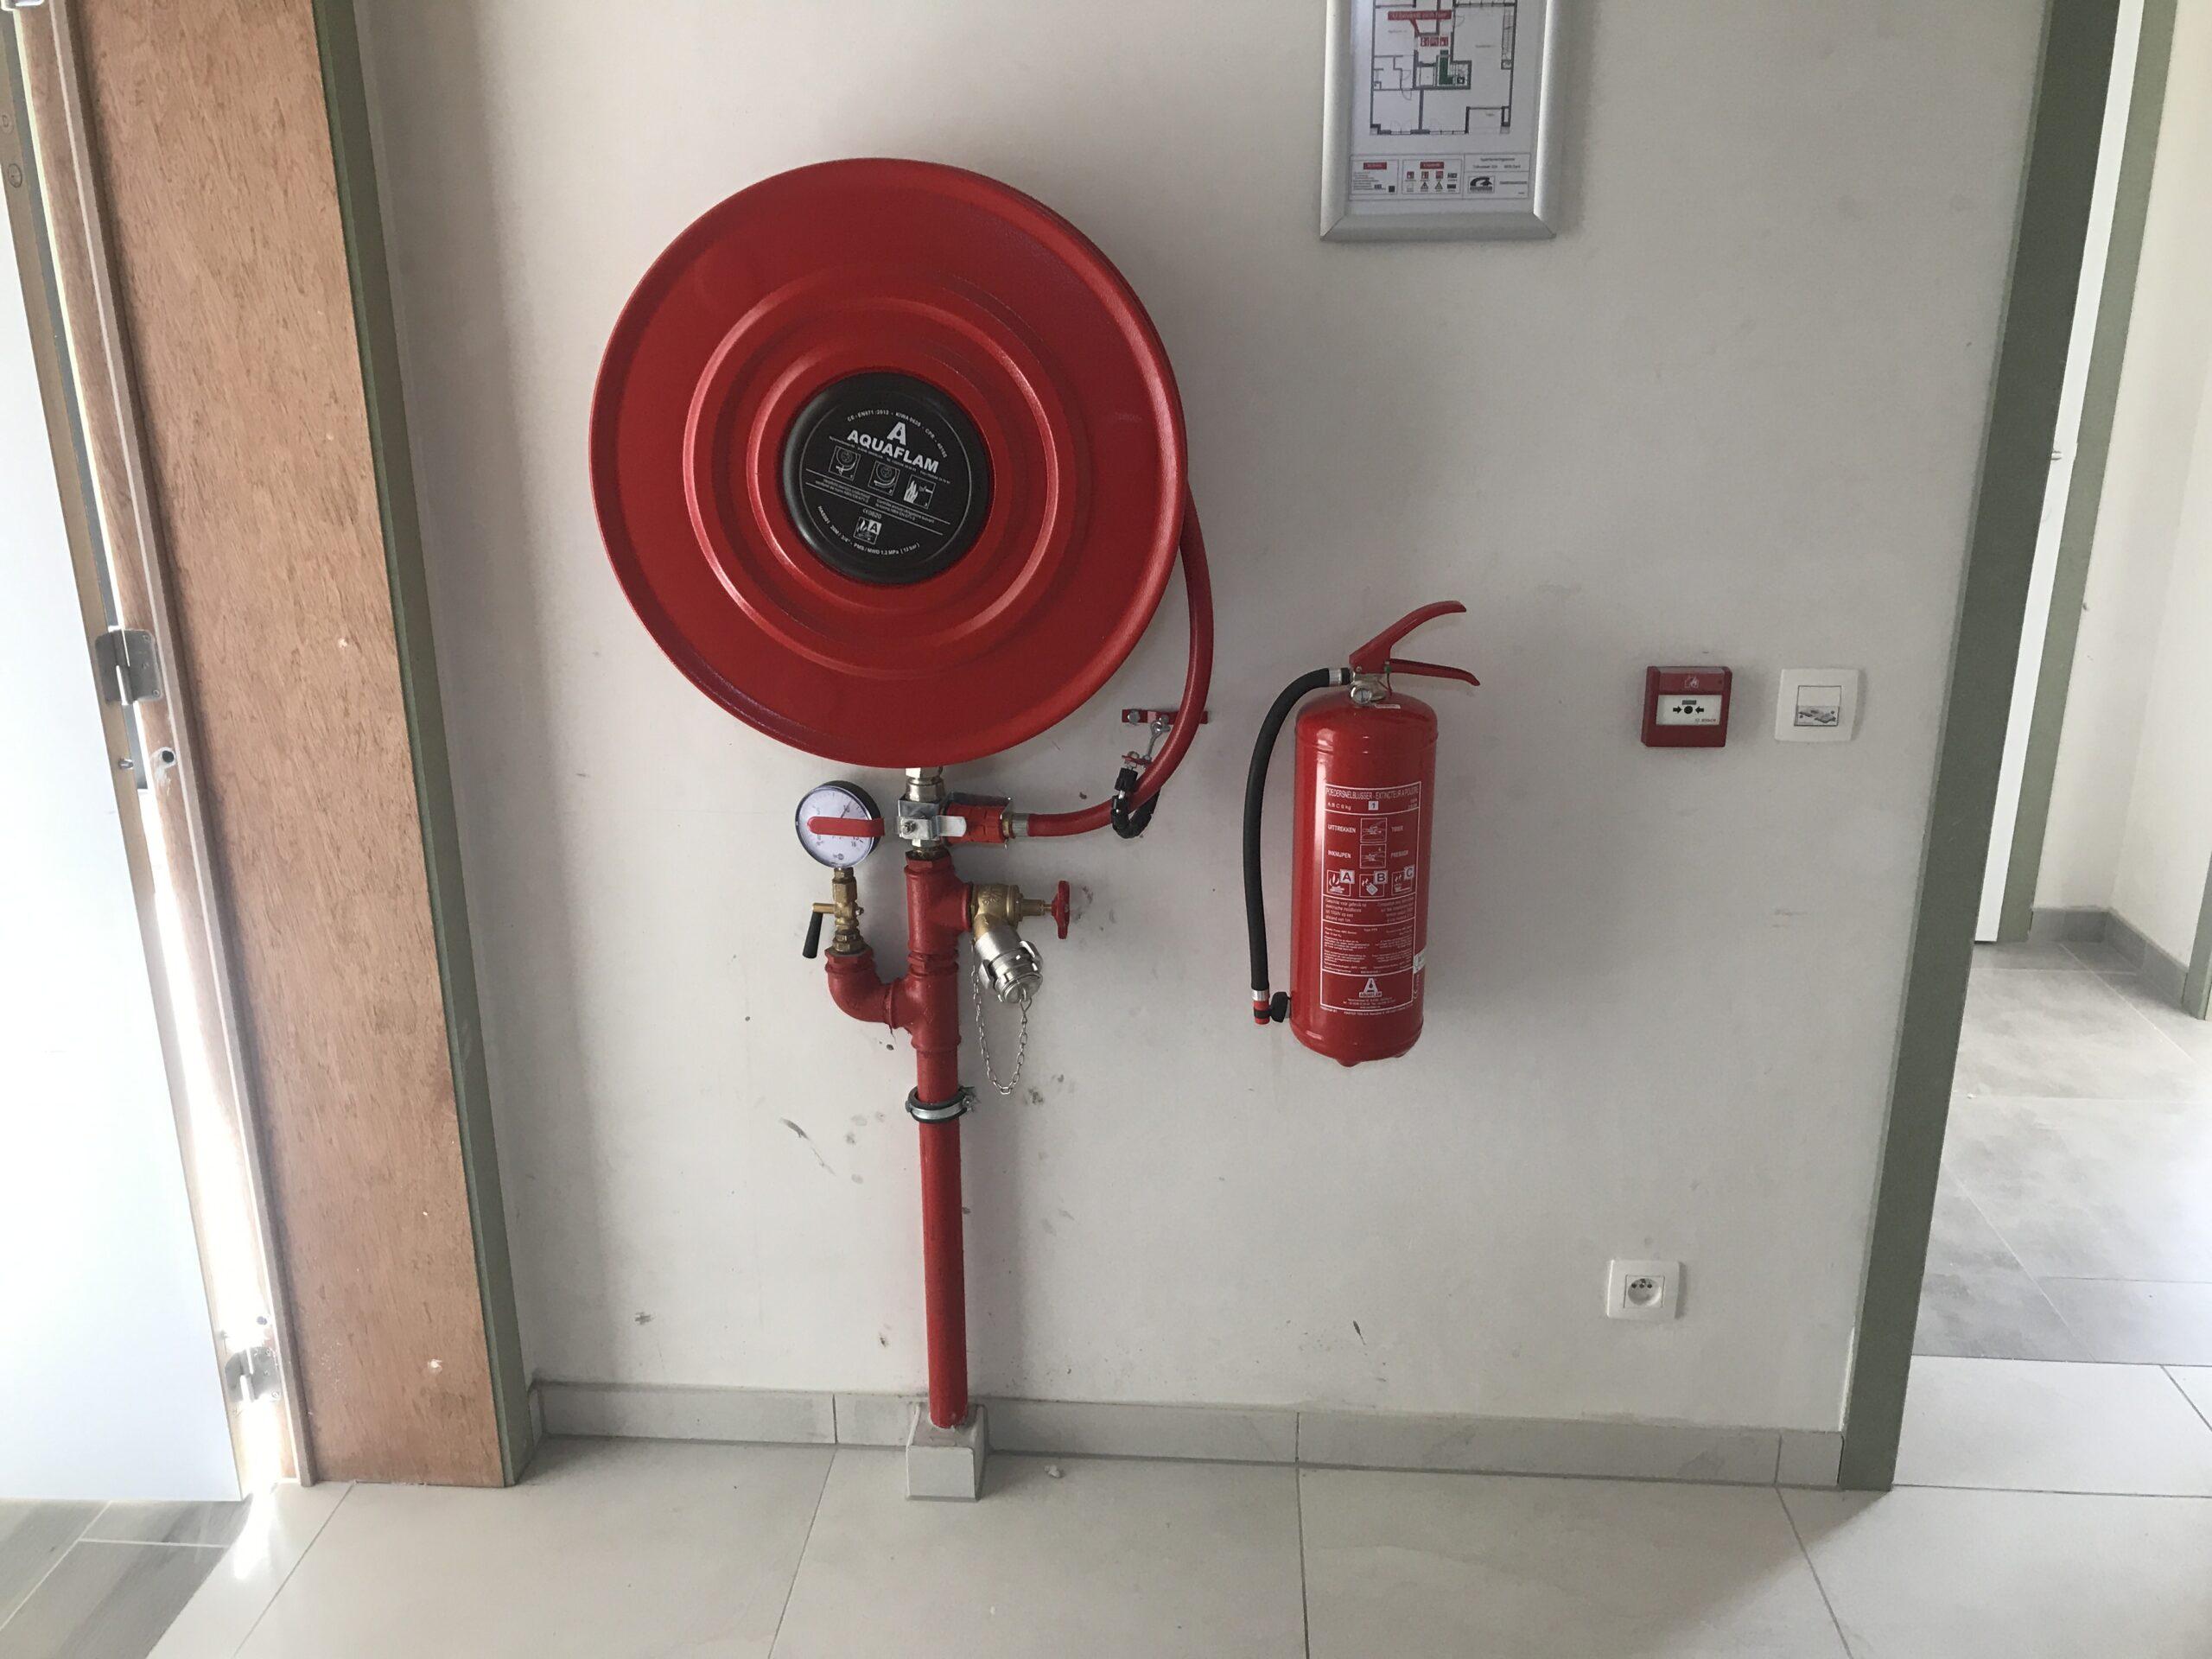 ClimaSan appartementen brandhaspel